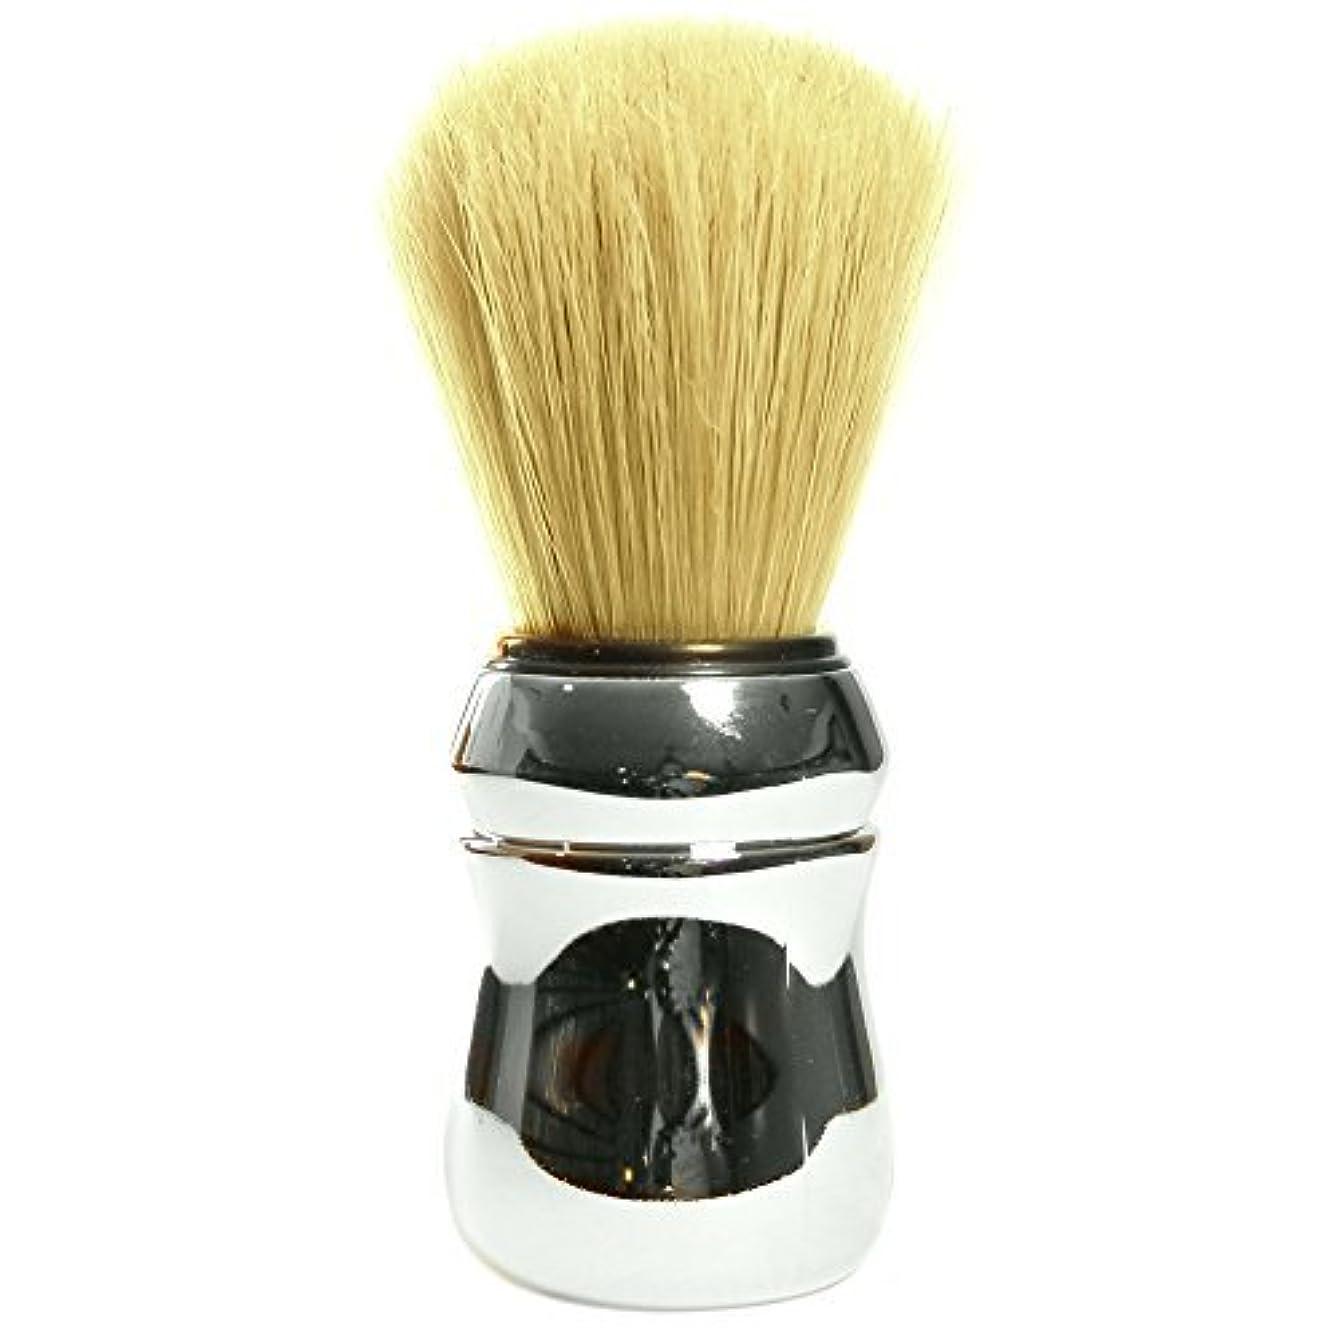 許可する音楽を聴く補助金Proraso Professional Boar Hair Shaving Brush by Proraso